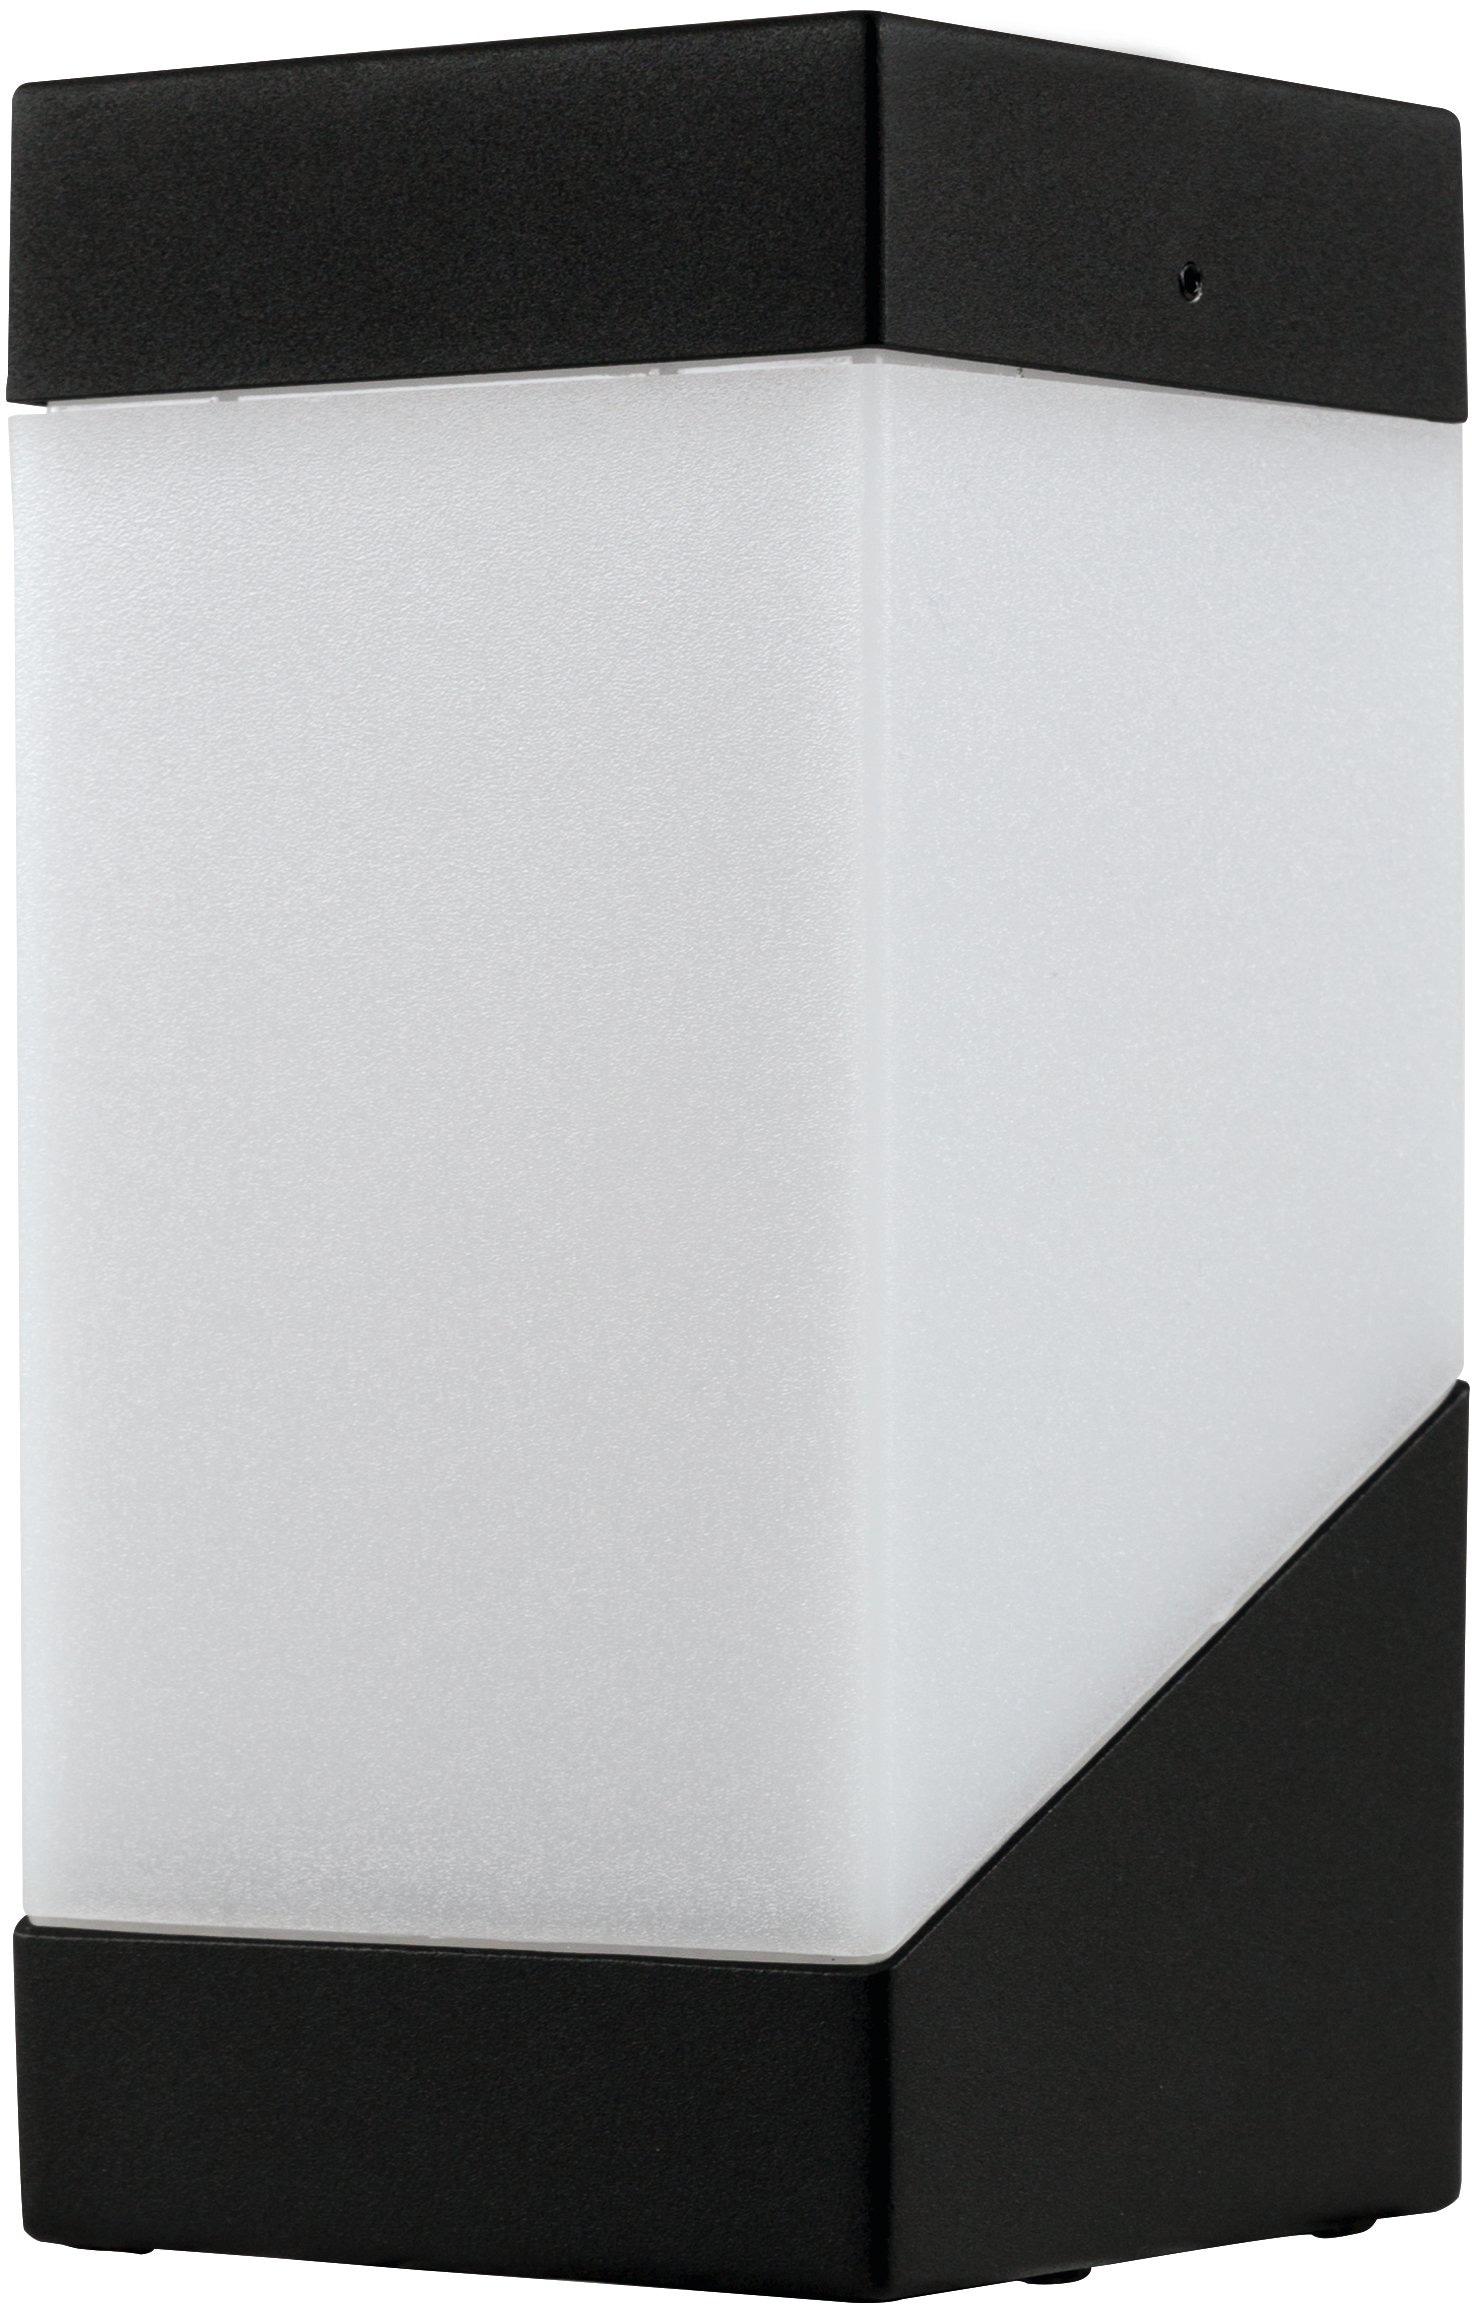 HEITRONIC Außen-Wandleuchte Madeleine, E27, 1 St., Große matte Lichtaustrittsfläche